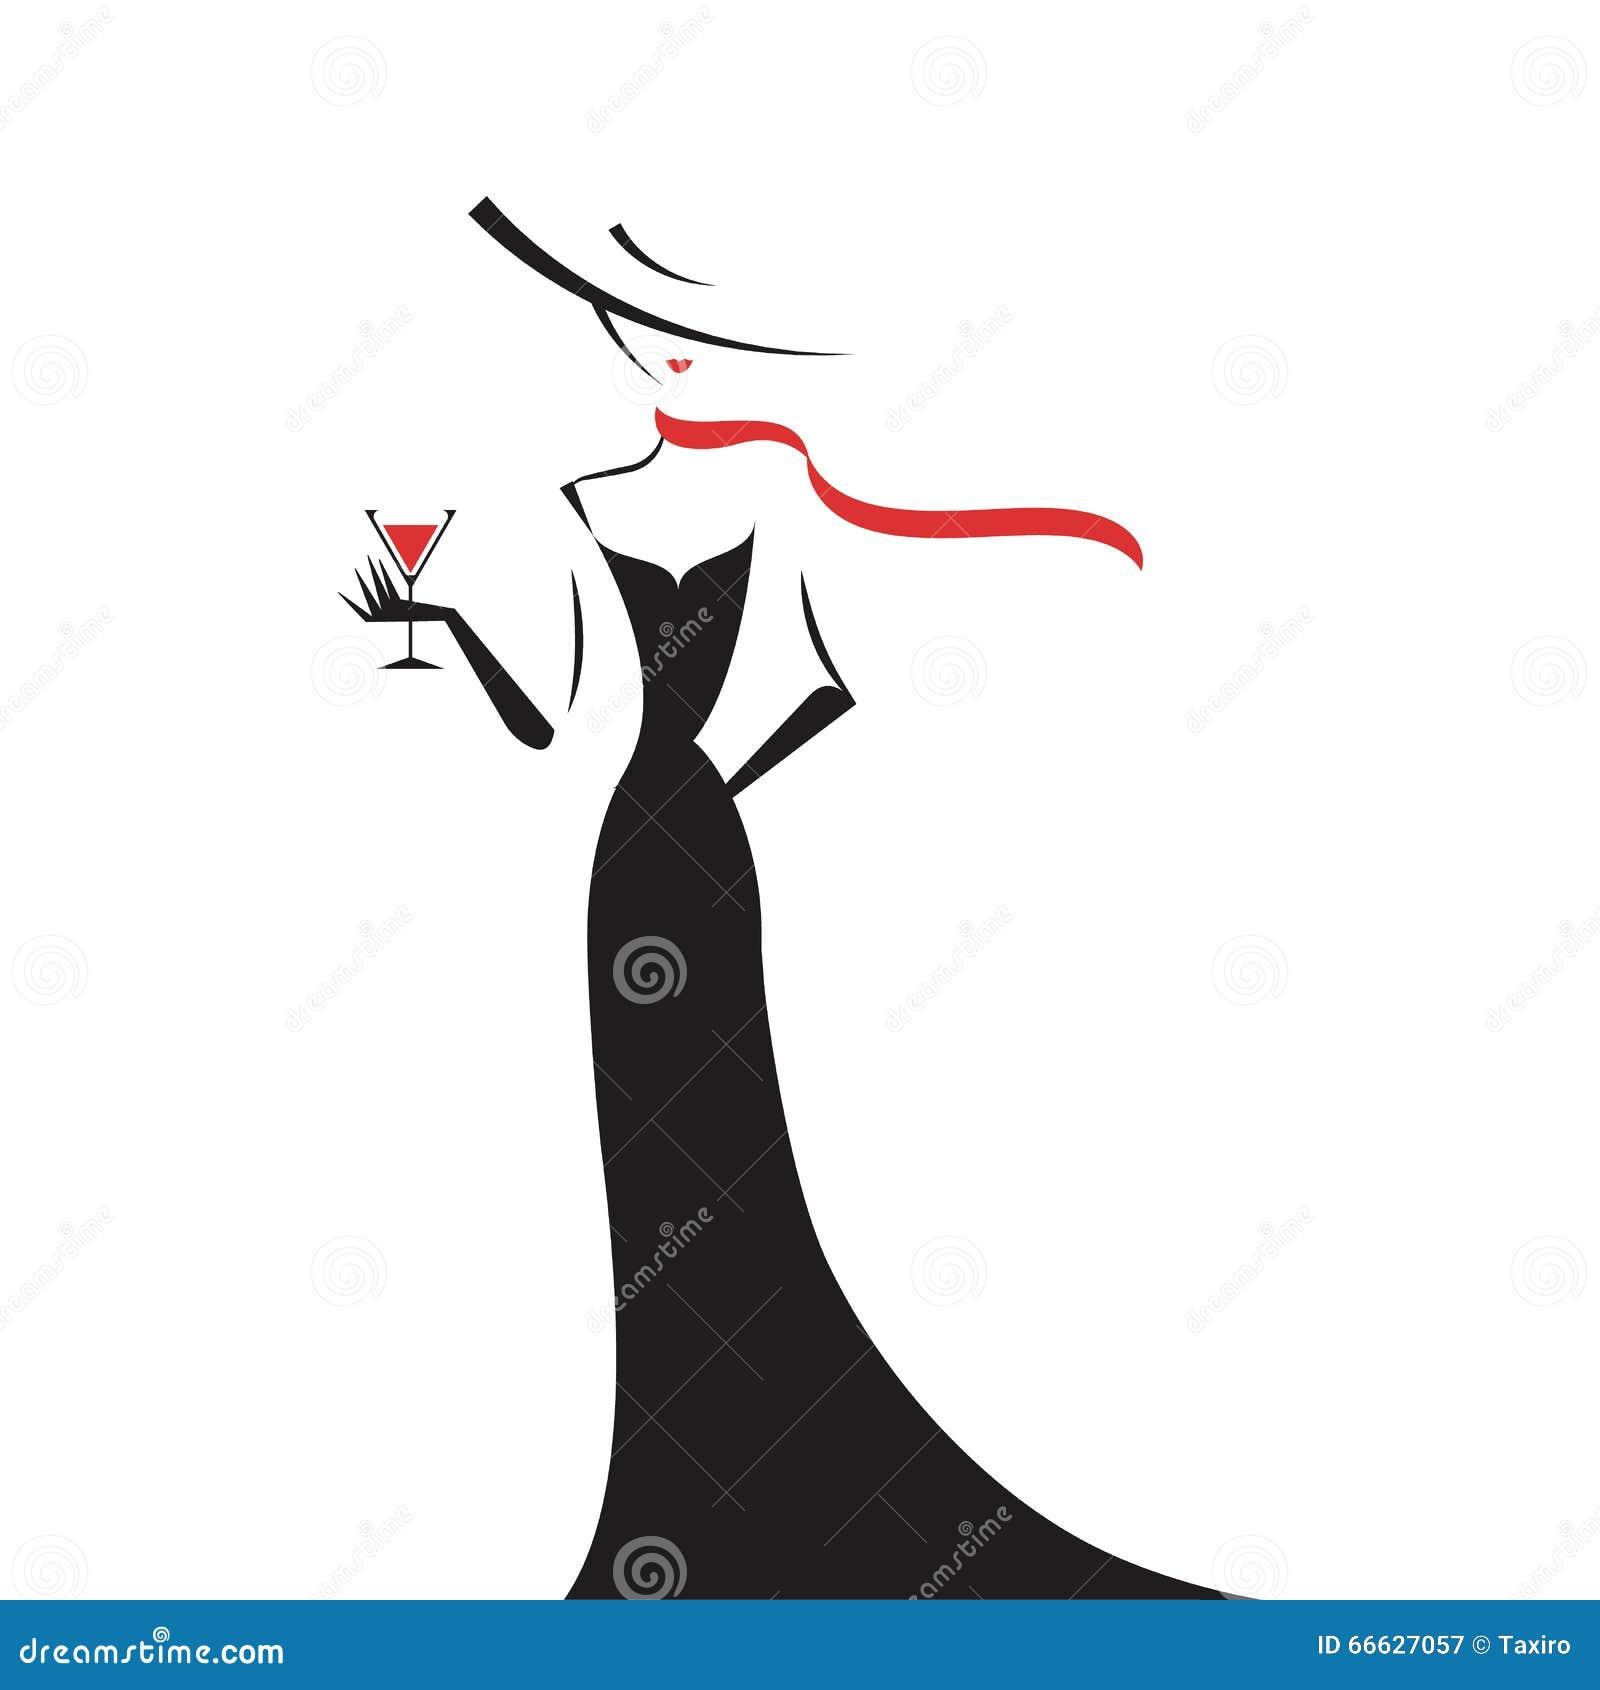 Silueta de mujer con vestido